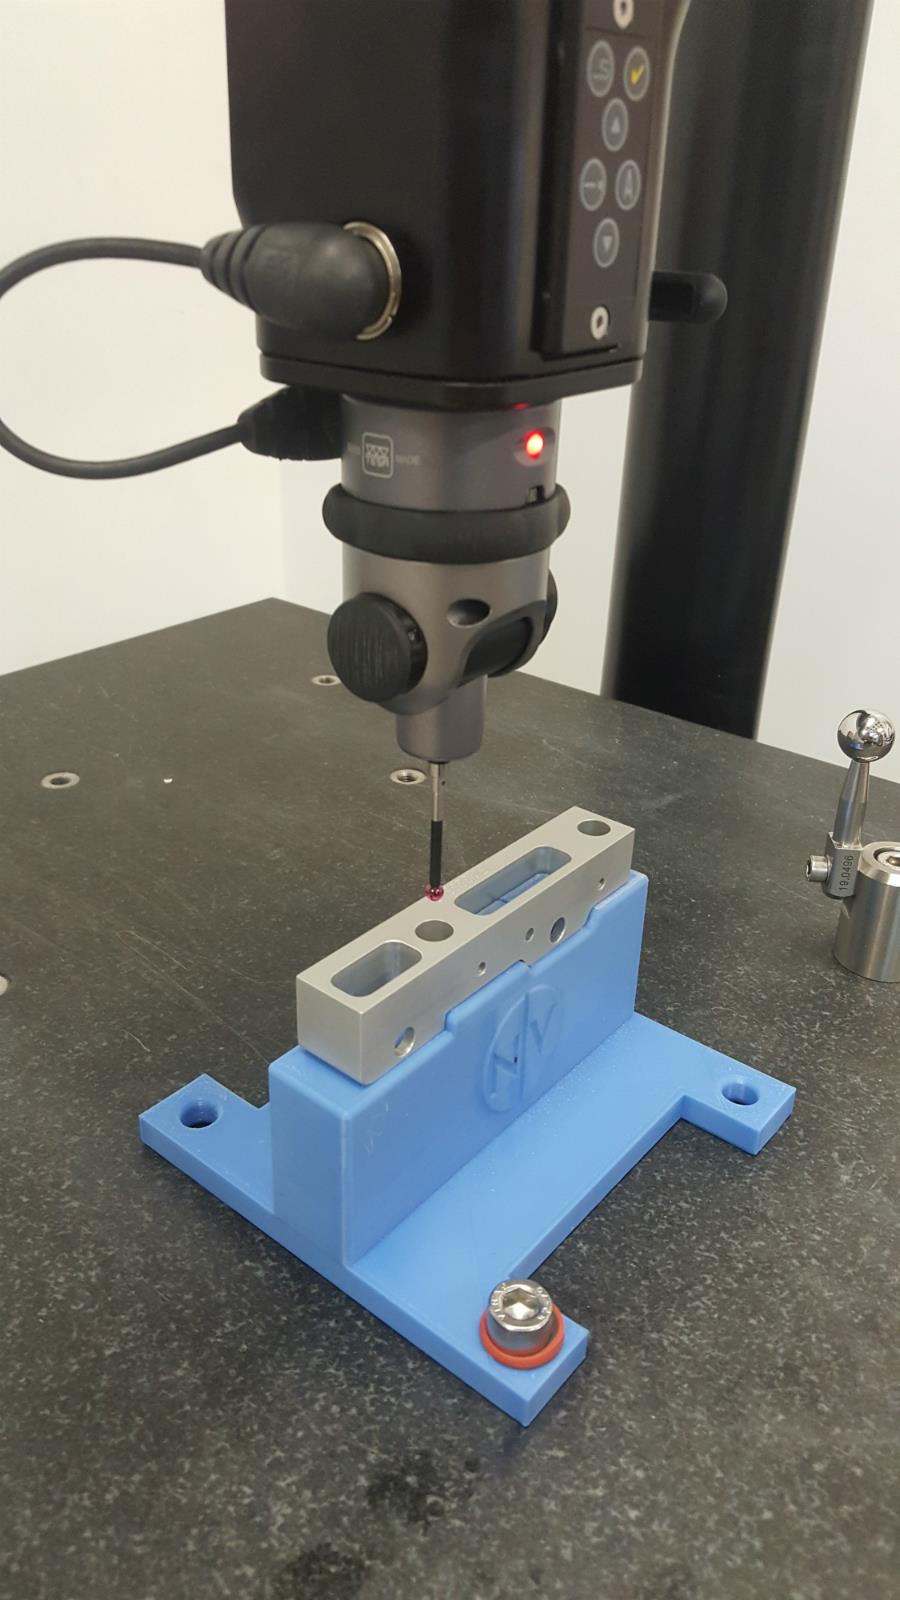 Chế tạo đồ gá kiểm tra trên máy đo 3D CMM bằng máy in 3D là một trong những ứng dụng mới hữu ích của công nghệ in 3d tại Việt Nam. Ngoài đồ gá cho máy đo 3D CMM ( máy CMM ) thì còn có thể tạo đồ gá gia công hoặc đồ gá cho chuyền lắp ráp.